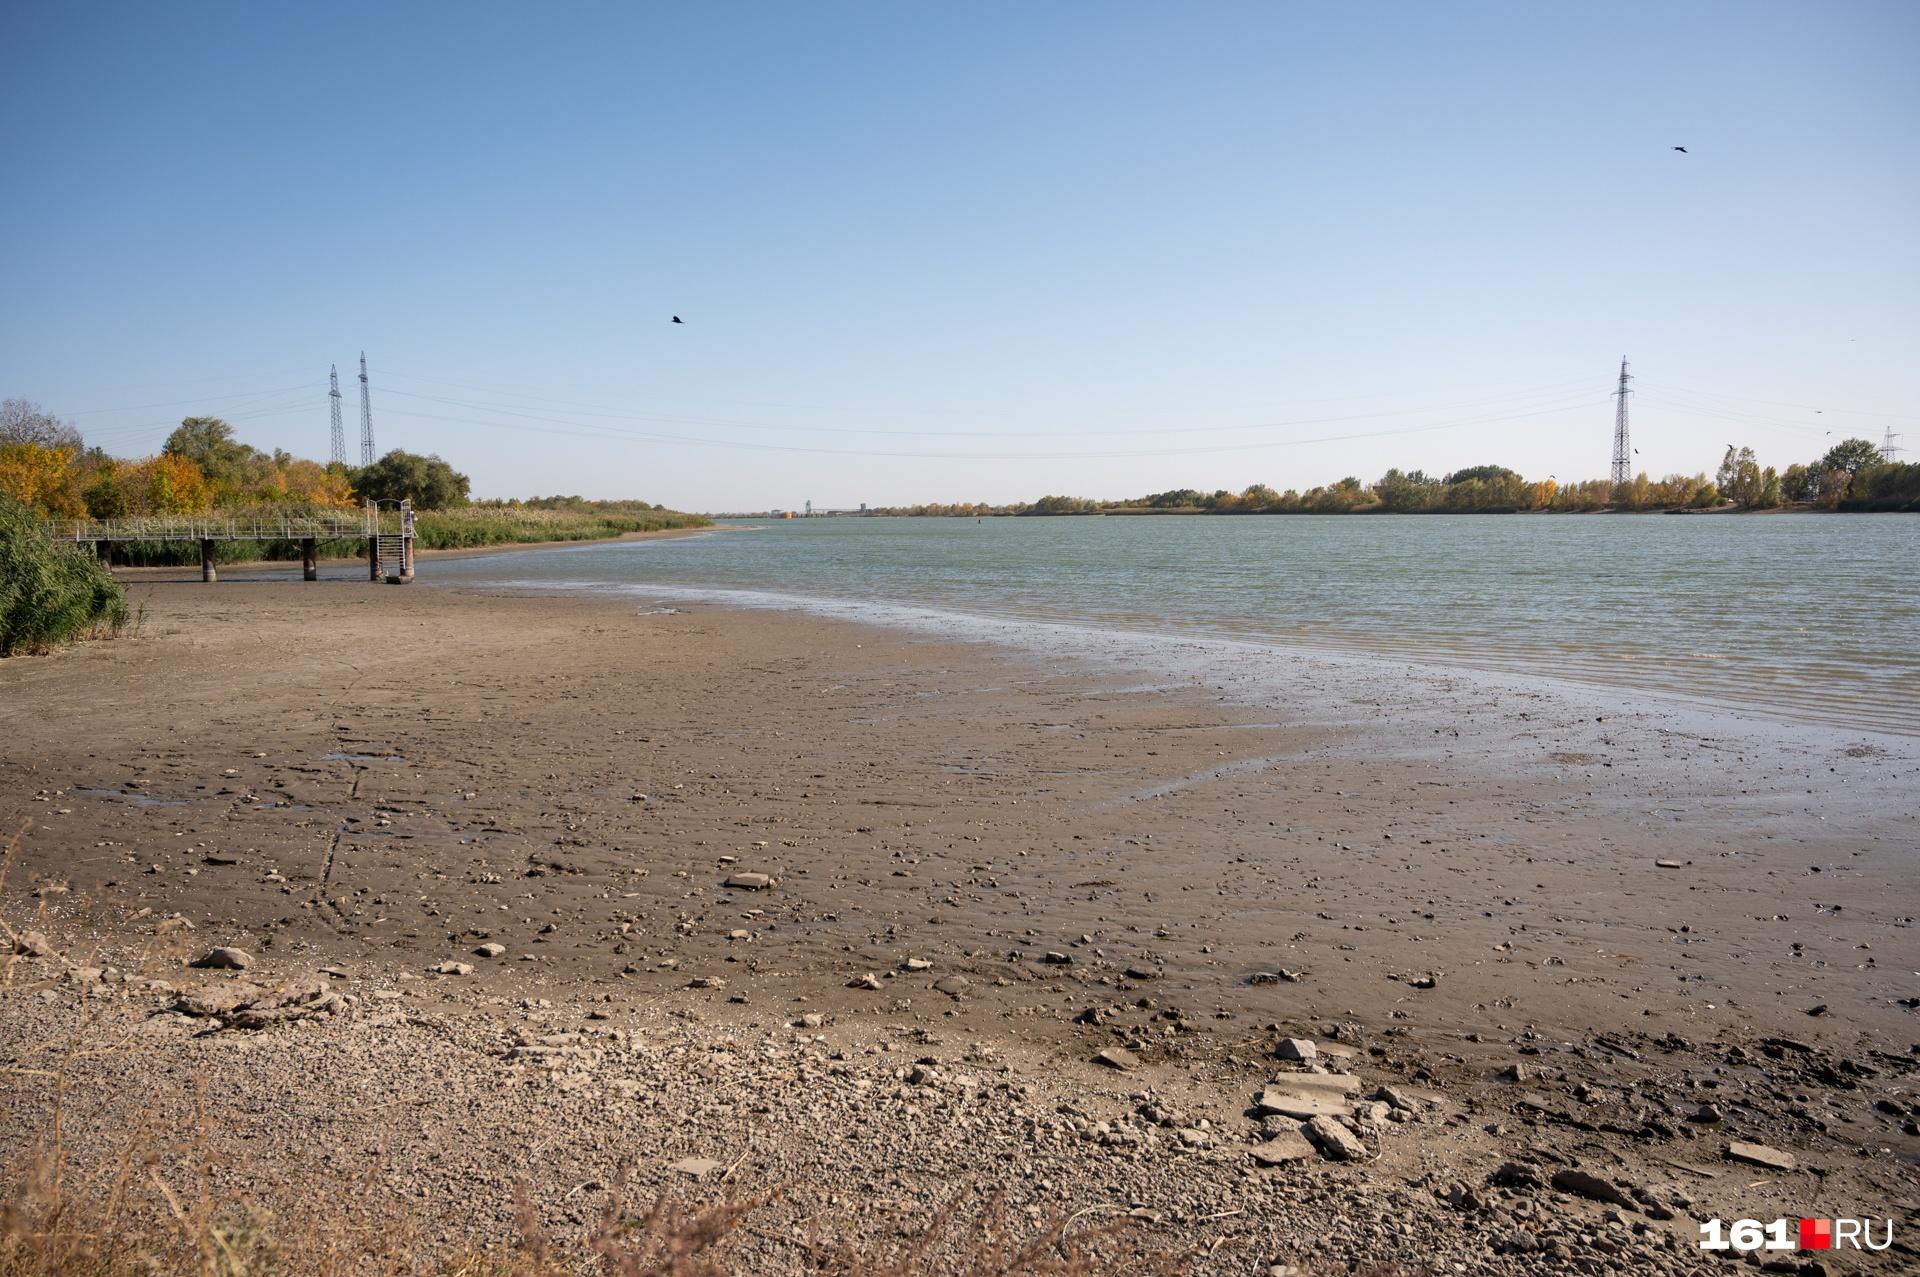 У Старочеркасска река тоже мелеет время от времени